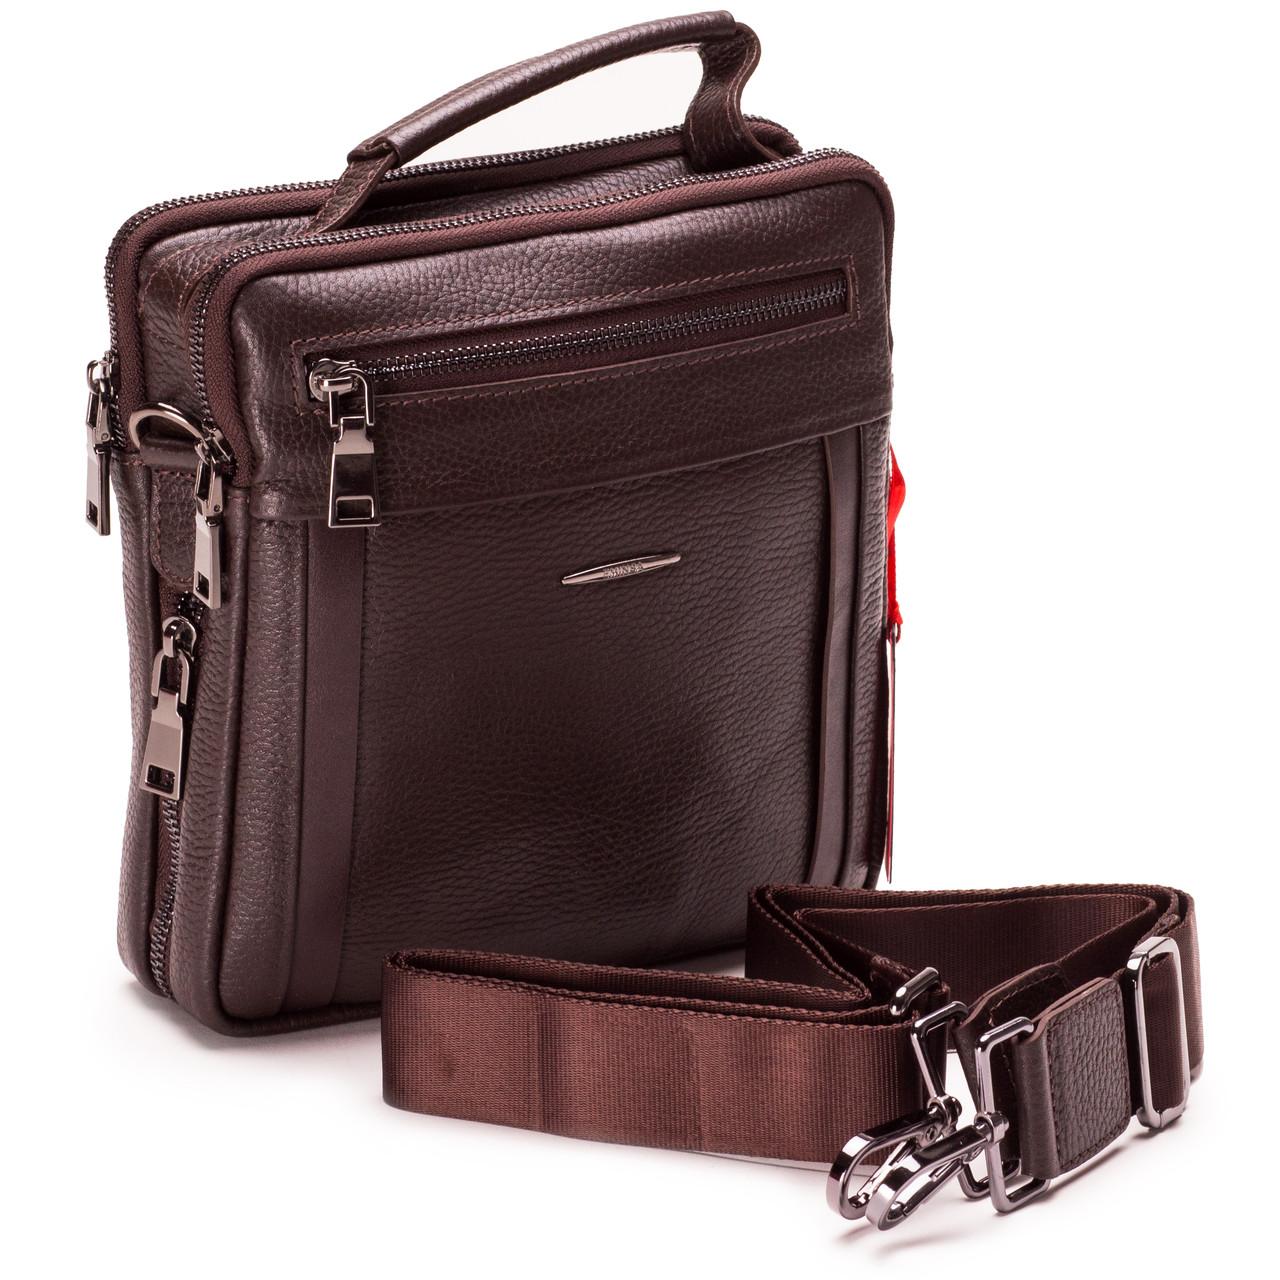 Мужская сумка кожаная коричневая Eminsa 6136-37-3